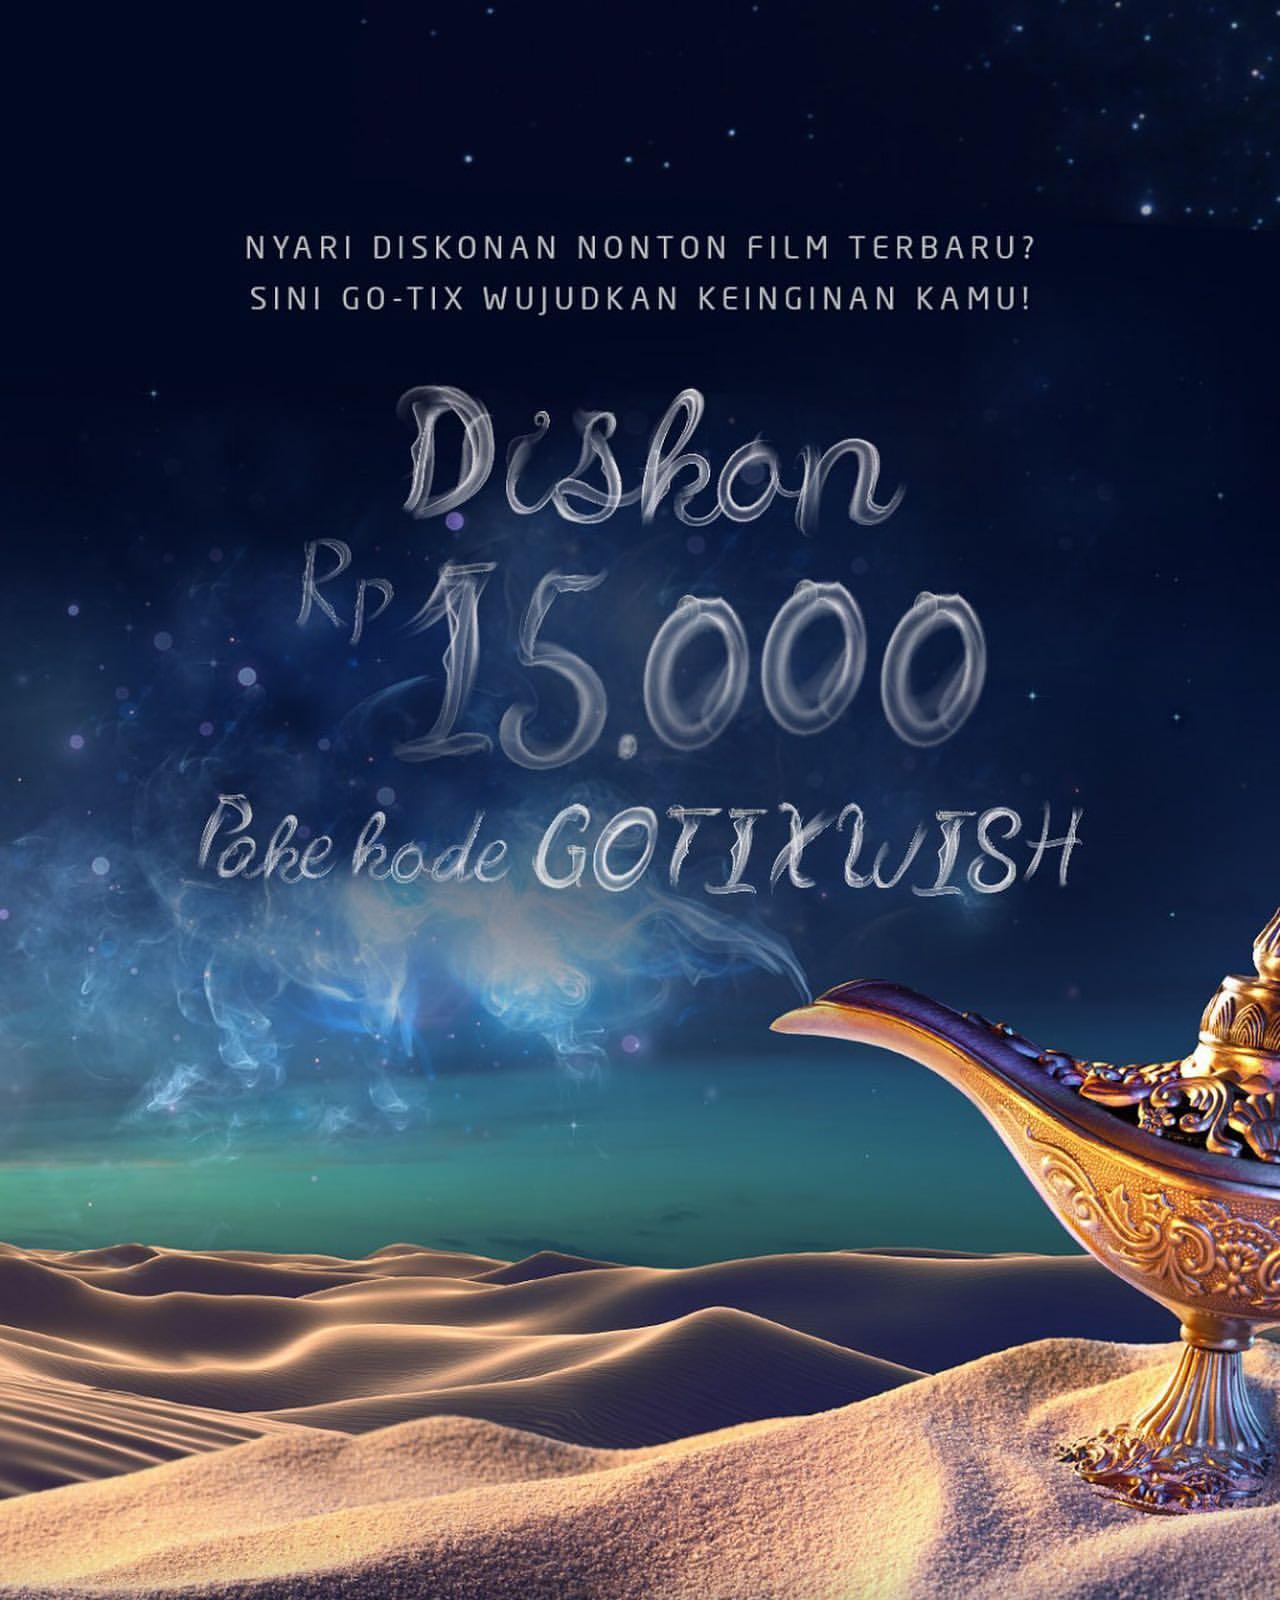 Diskon GO-TIX Promo DISKON Rp.15.000 Tiket Nonton